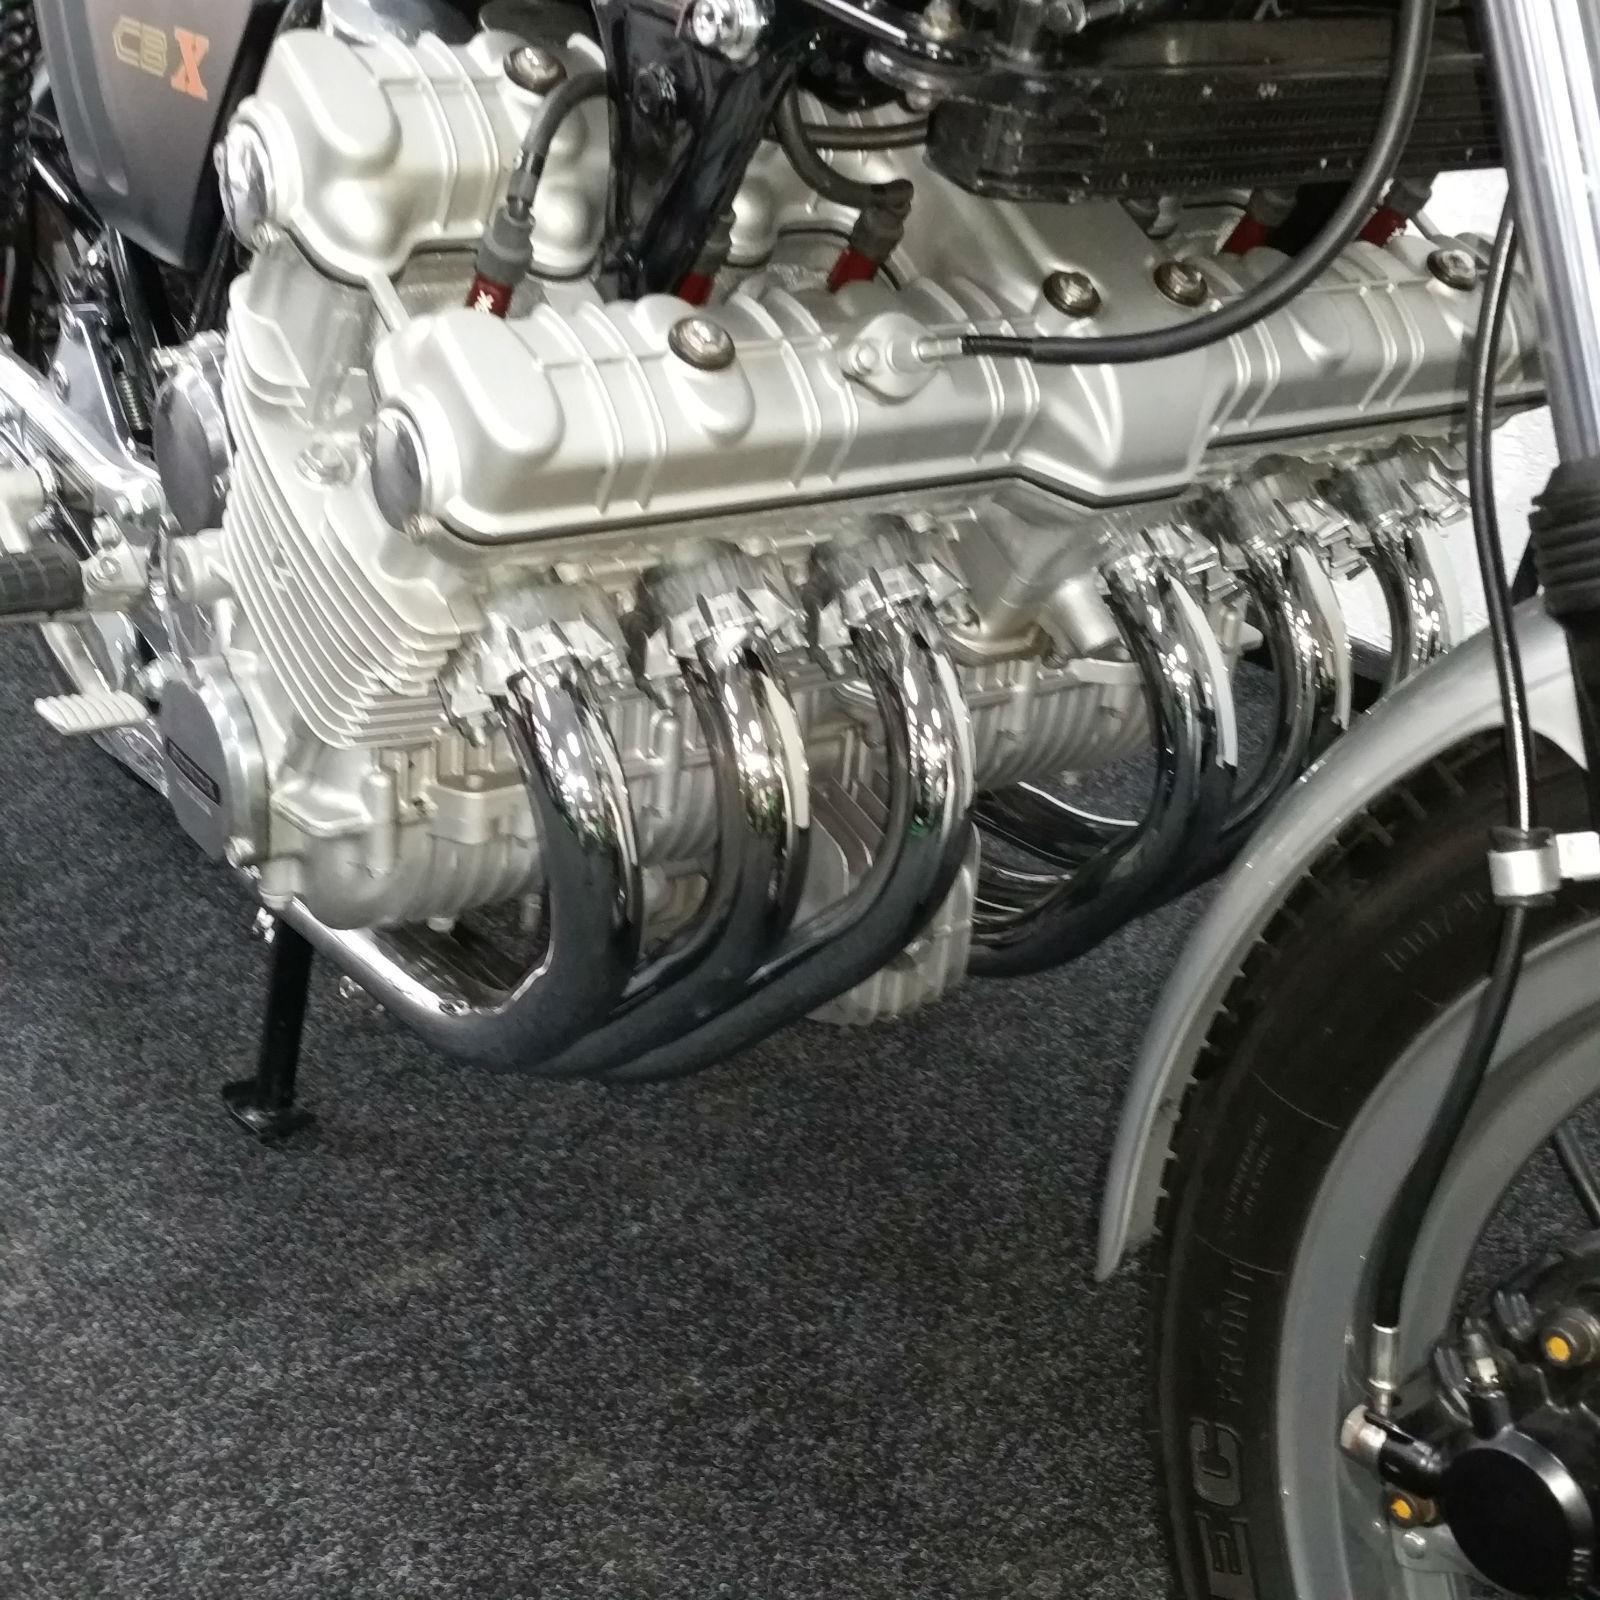 Honda CBX1000 - 1978 - Six Cylinder, 24 Valves in line 6.